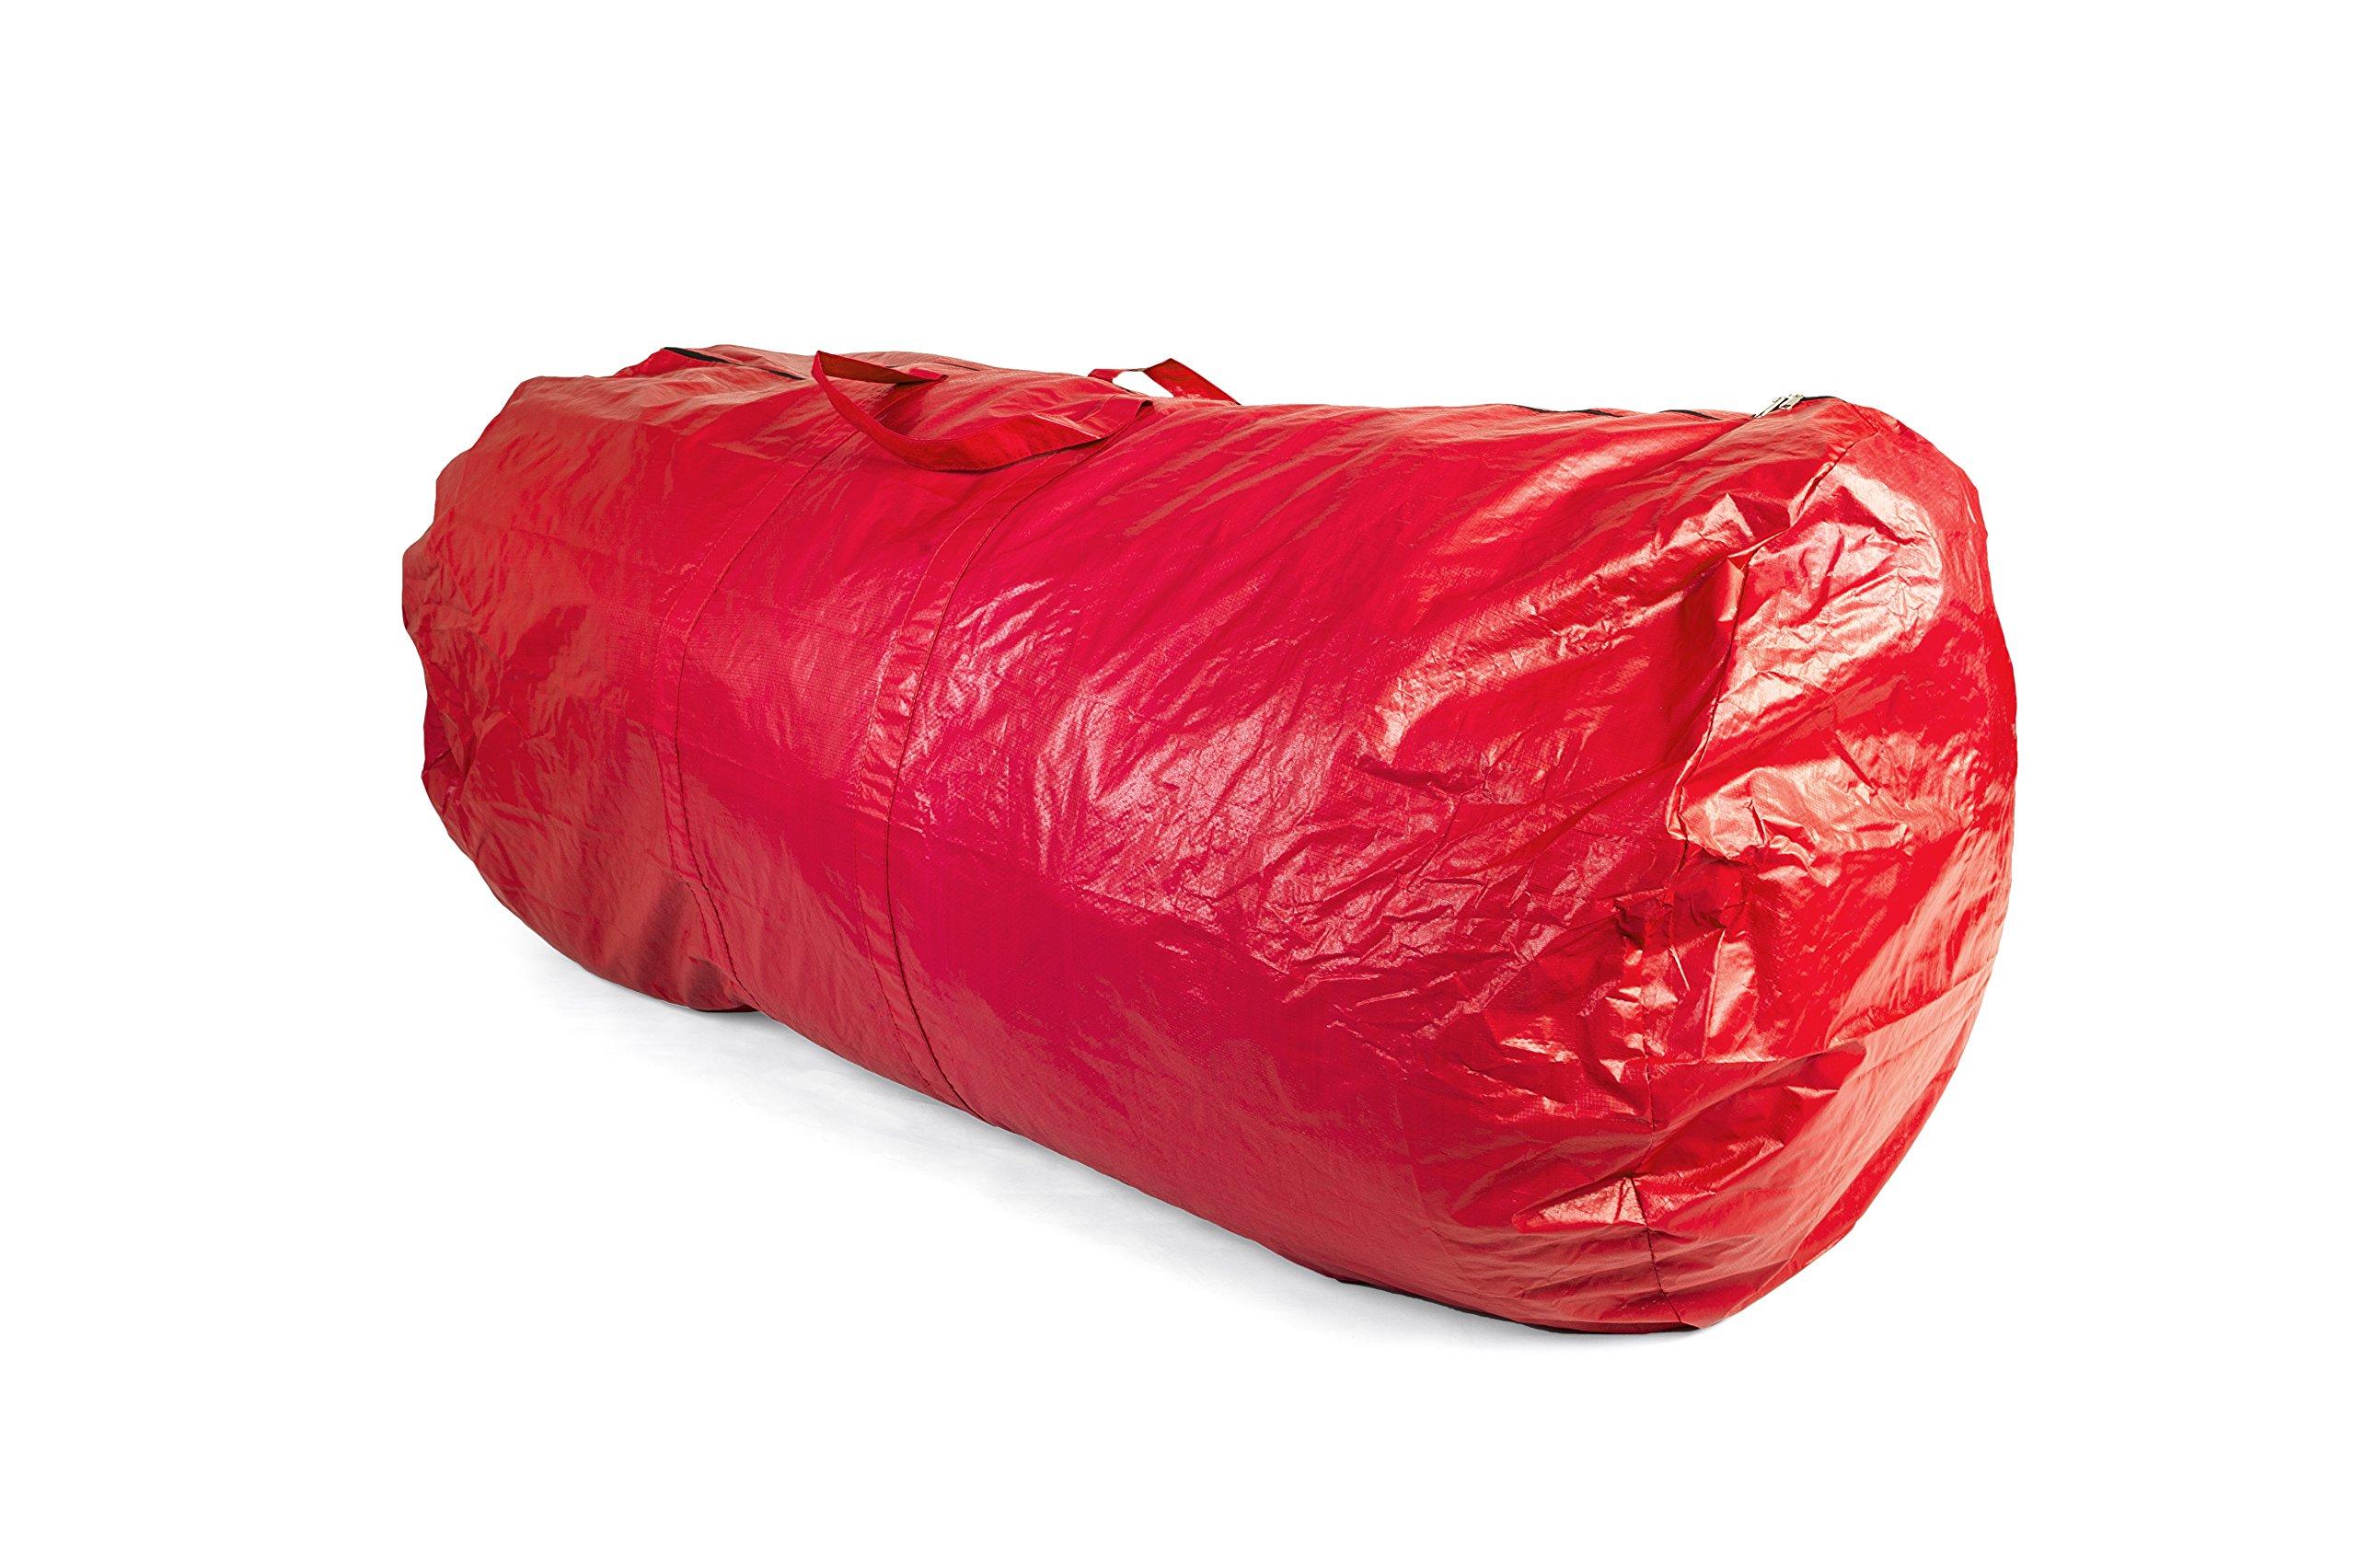 Santas-Bags-Extra-Groe-Tasche-Weihnachtsbaum-Knstlicher-Weihnachtsbaum-Aufbewahrung-und-Weihnachtsschmuck-Lagerung-Organizer-fr-75-ft-bis-9-ft-Bumen-Krnzen-Lichter-Dekorationen-und-Girlande